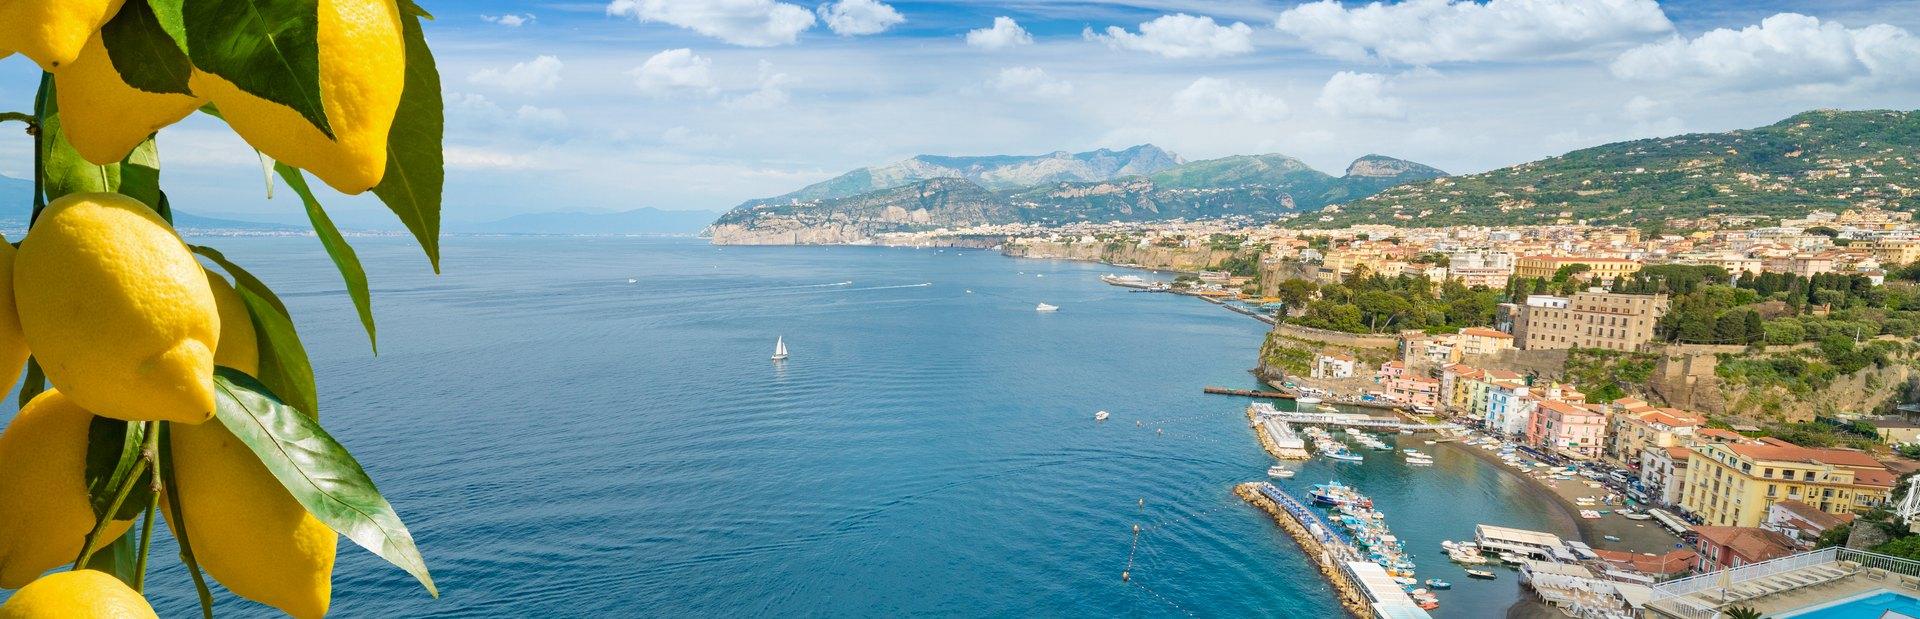 Amalfi interactive map